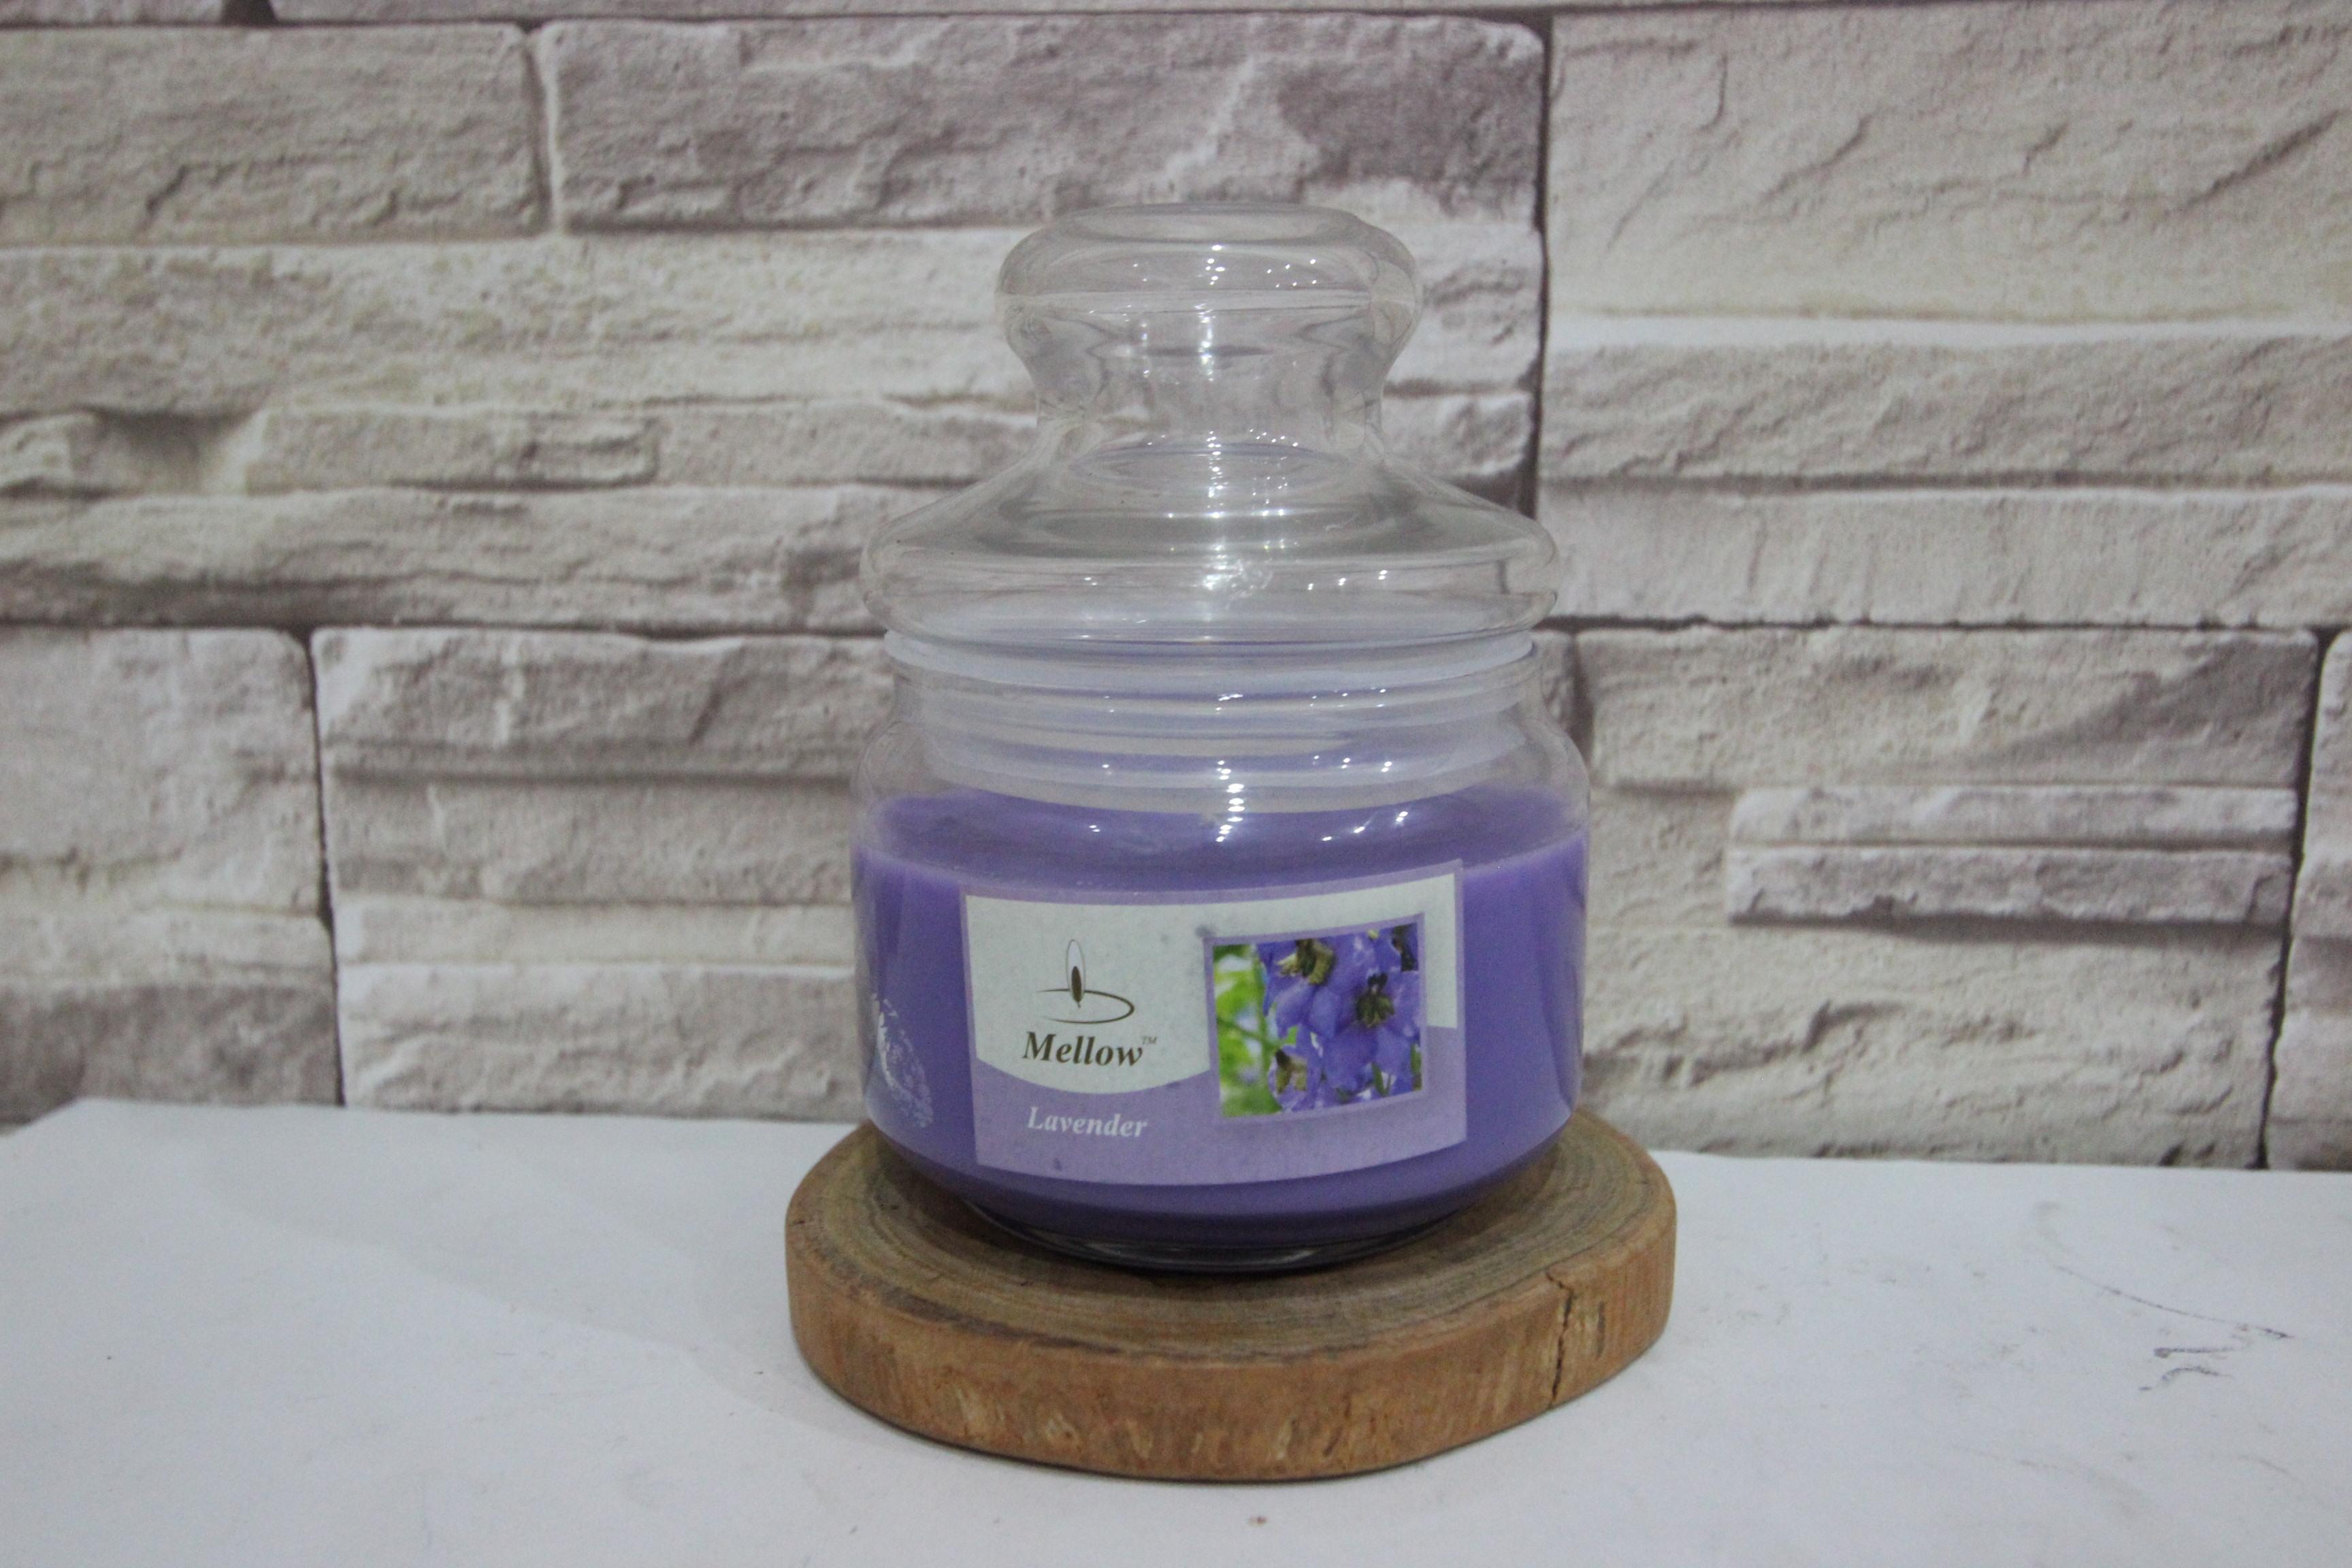 เทียนหอมในโหลแก้วอย่างดี 8 ออนส์ กลิ่น ลาเวนเดอร์ (Jar Mottle Candle)